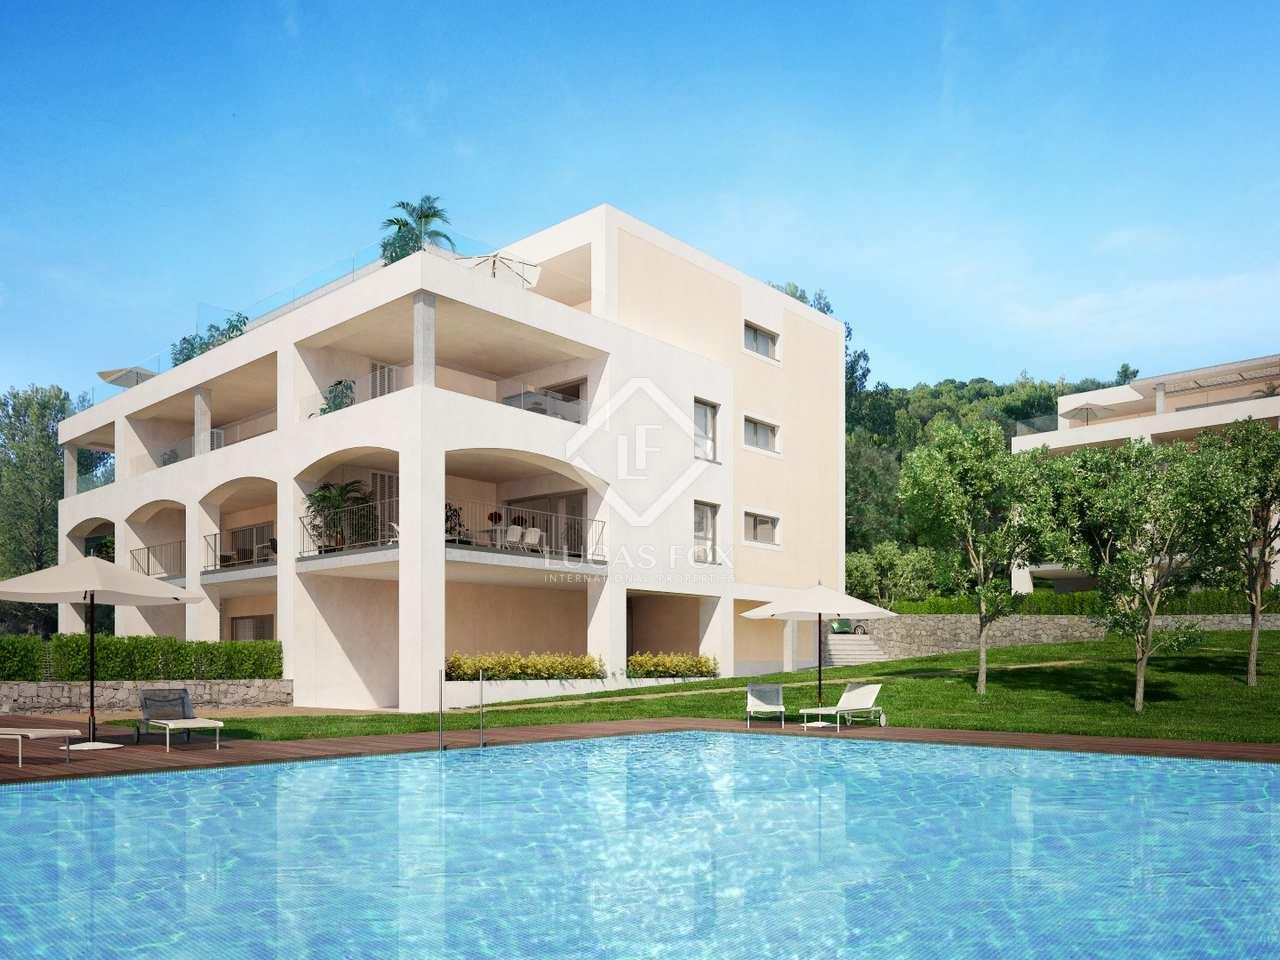 New Apartments For Sale In Nova Santa Ponsa Mallorca